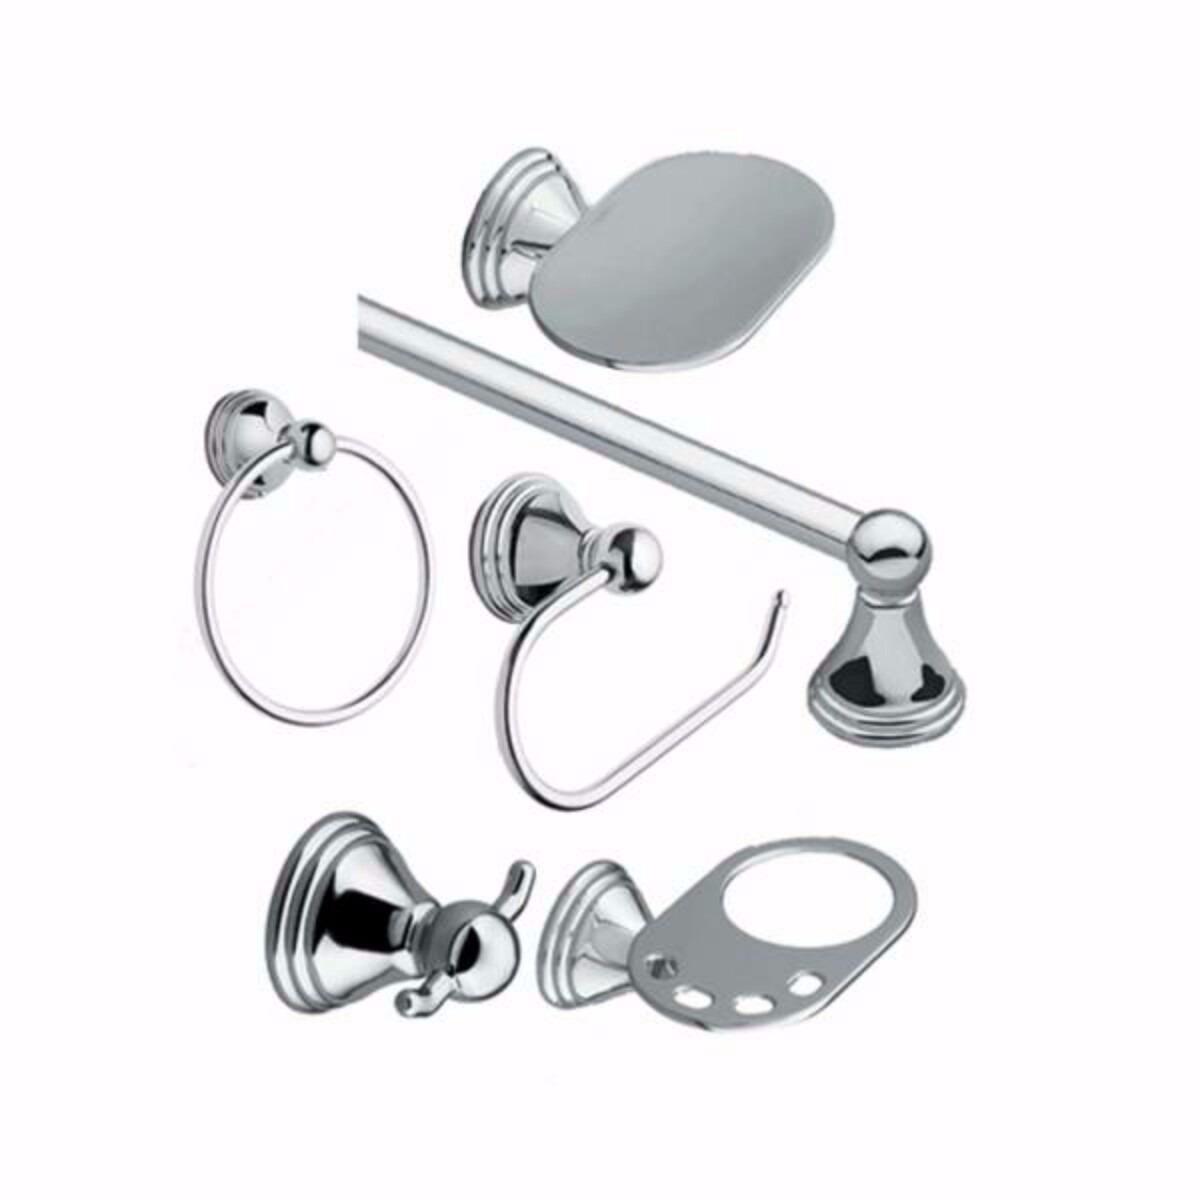 Juego de accesorios para ba o 6 piezas marca moen bs for Marcas accesorios bano